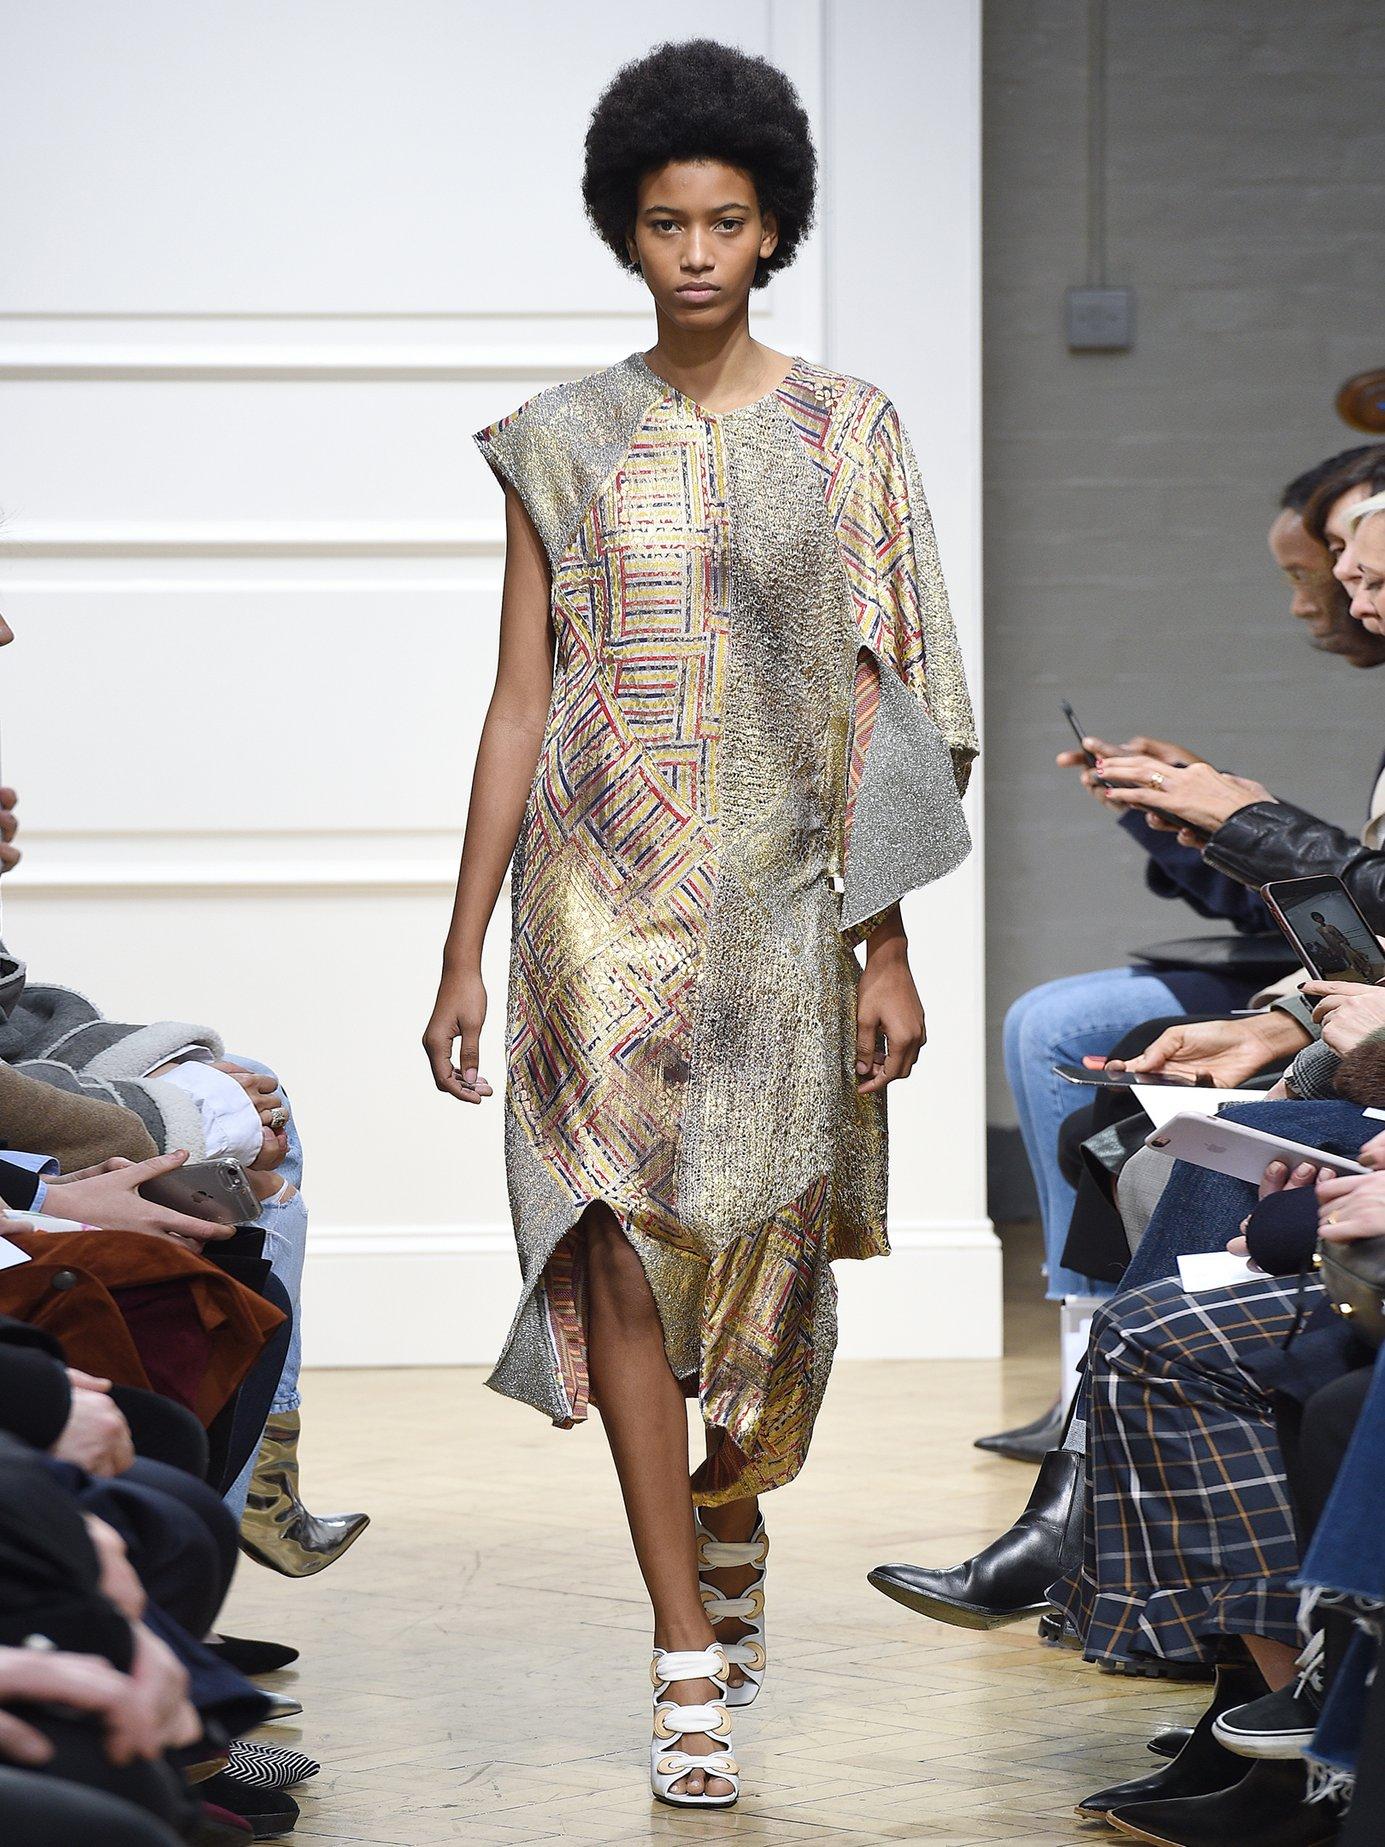 Asymmetric-detail patchwork jacquard dress by J.W.Anderson